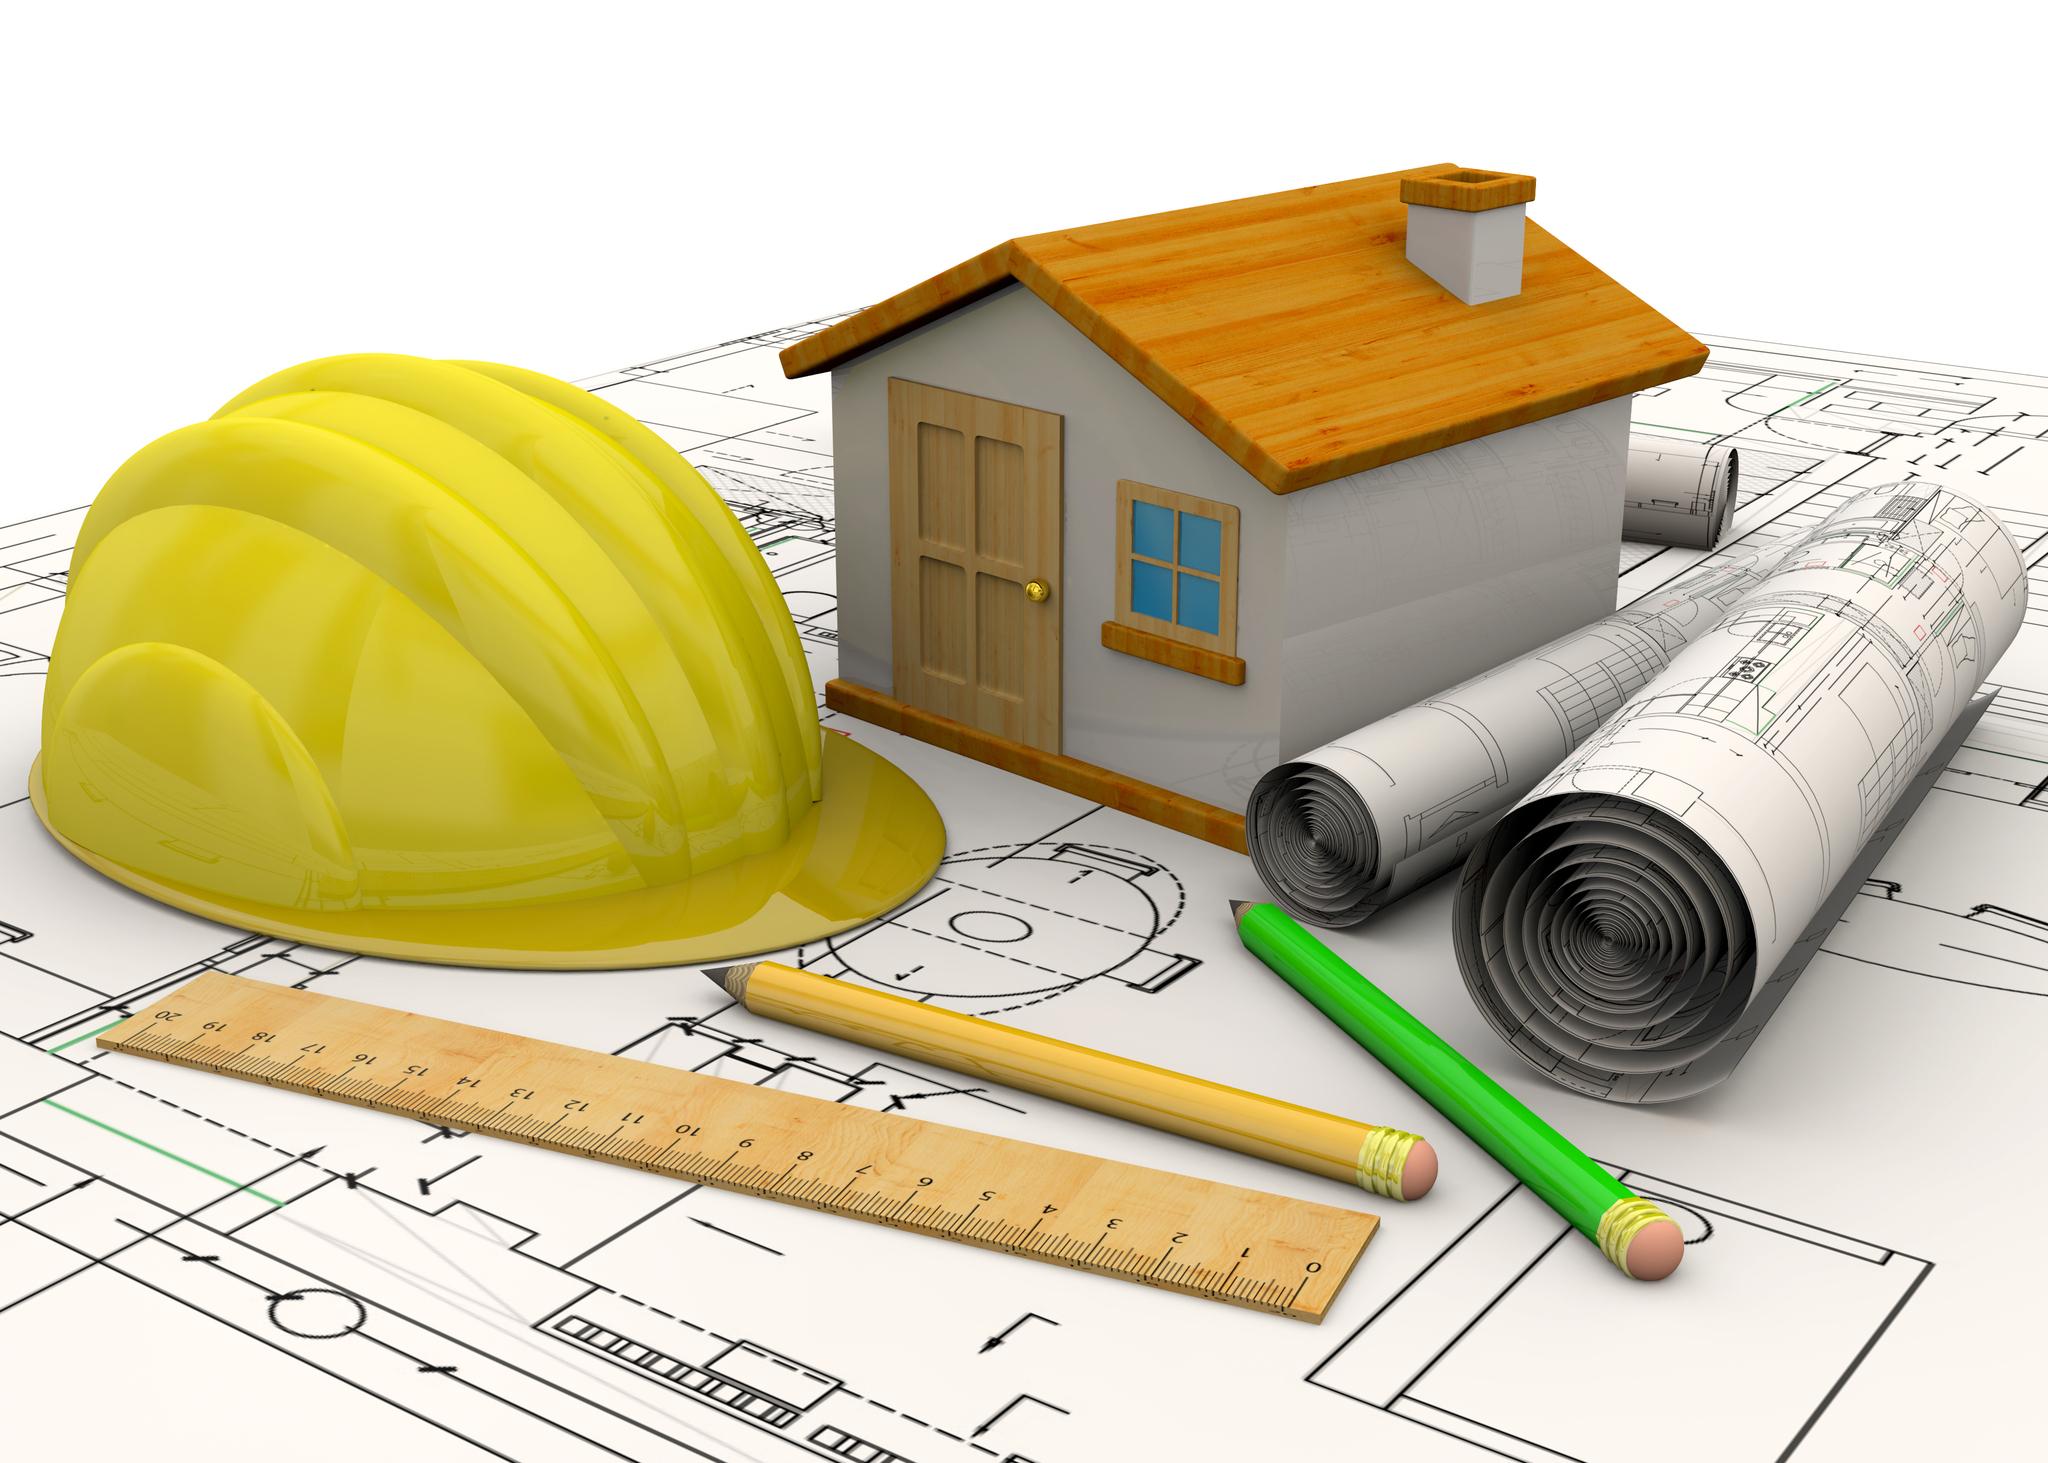 hus-og-tegning-arkitekt